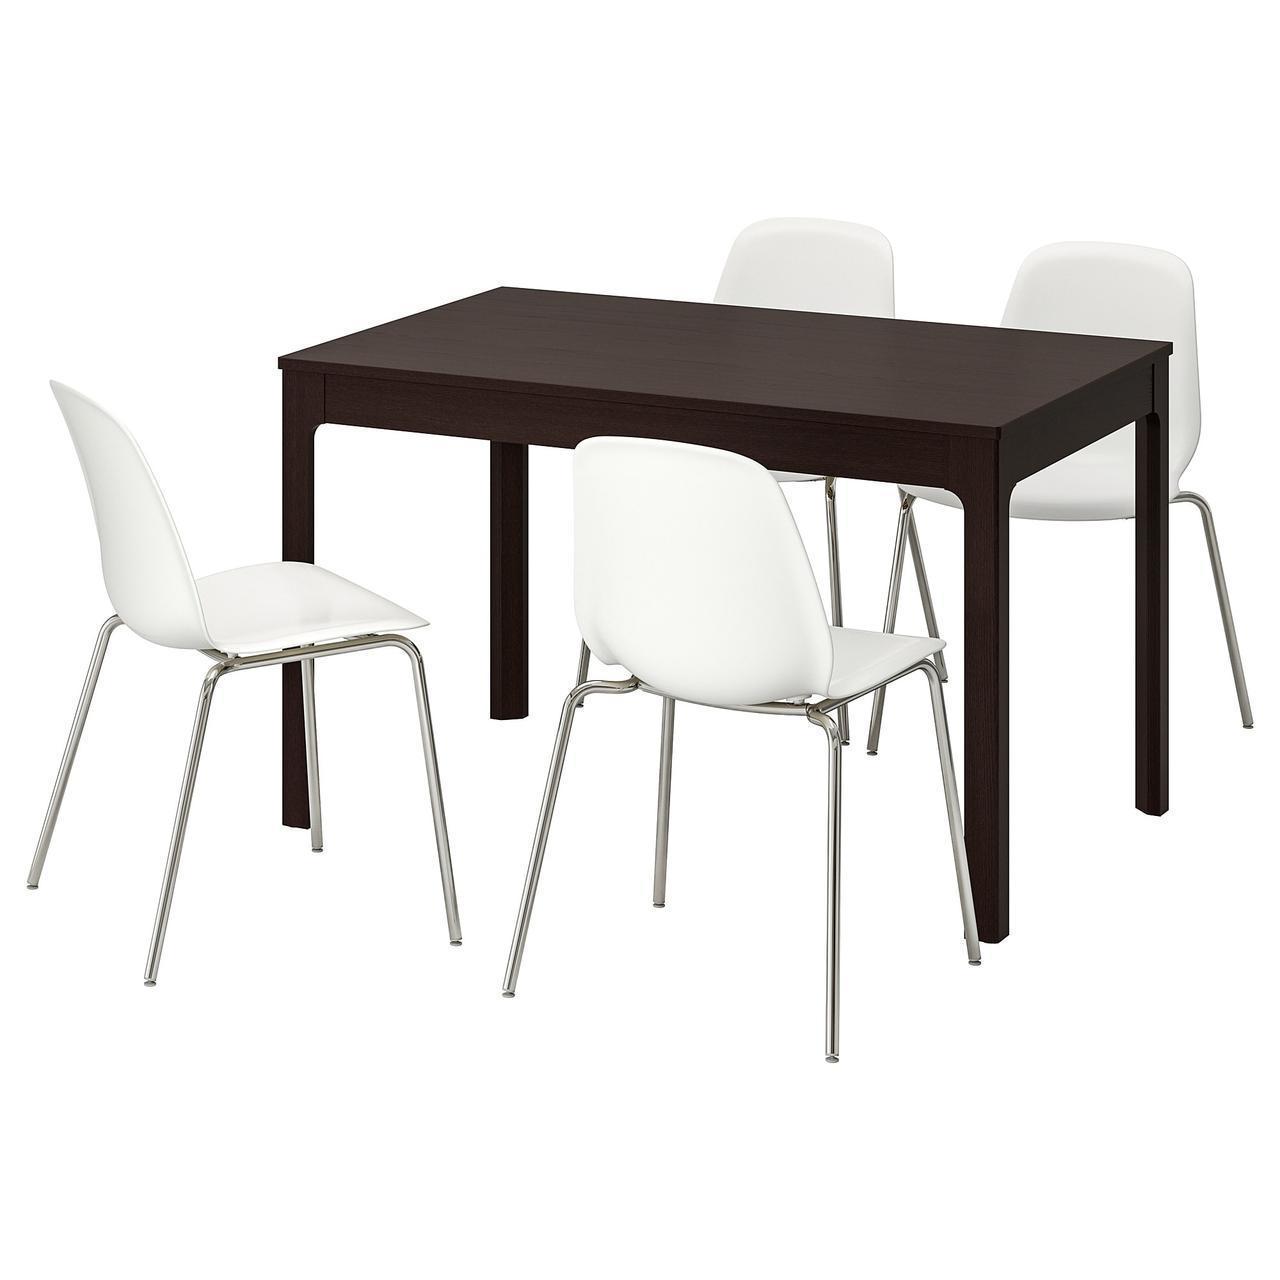 Комплект для кухни (стол и 4 стула) IKEA EKEDALEN / LEIFARNE 120/180 см коричневый белый 492.212.98